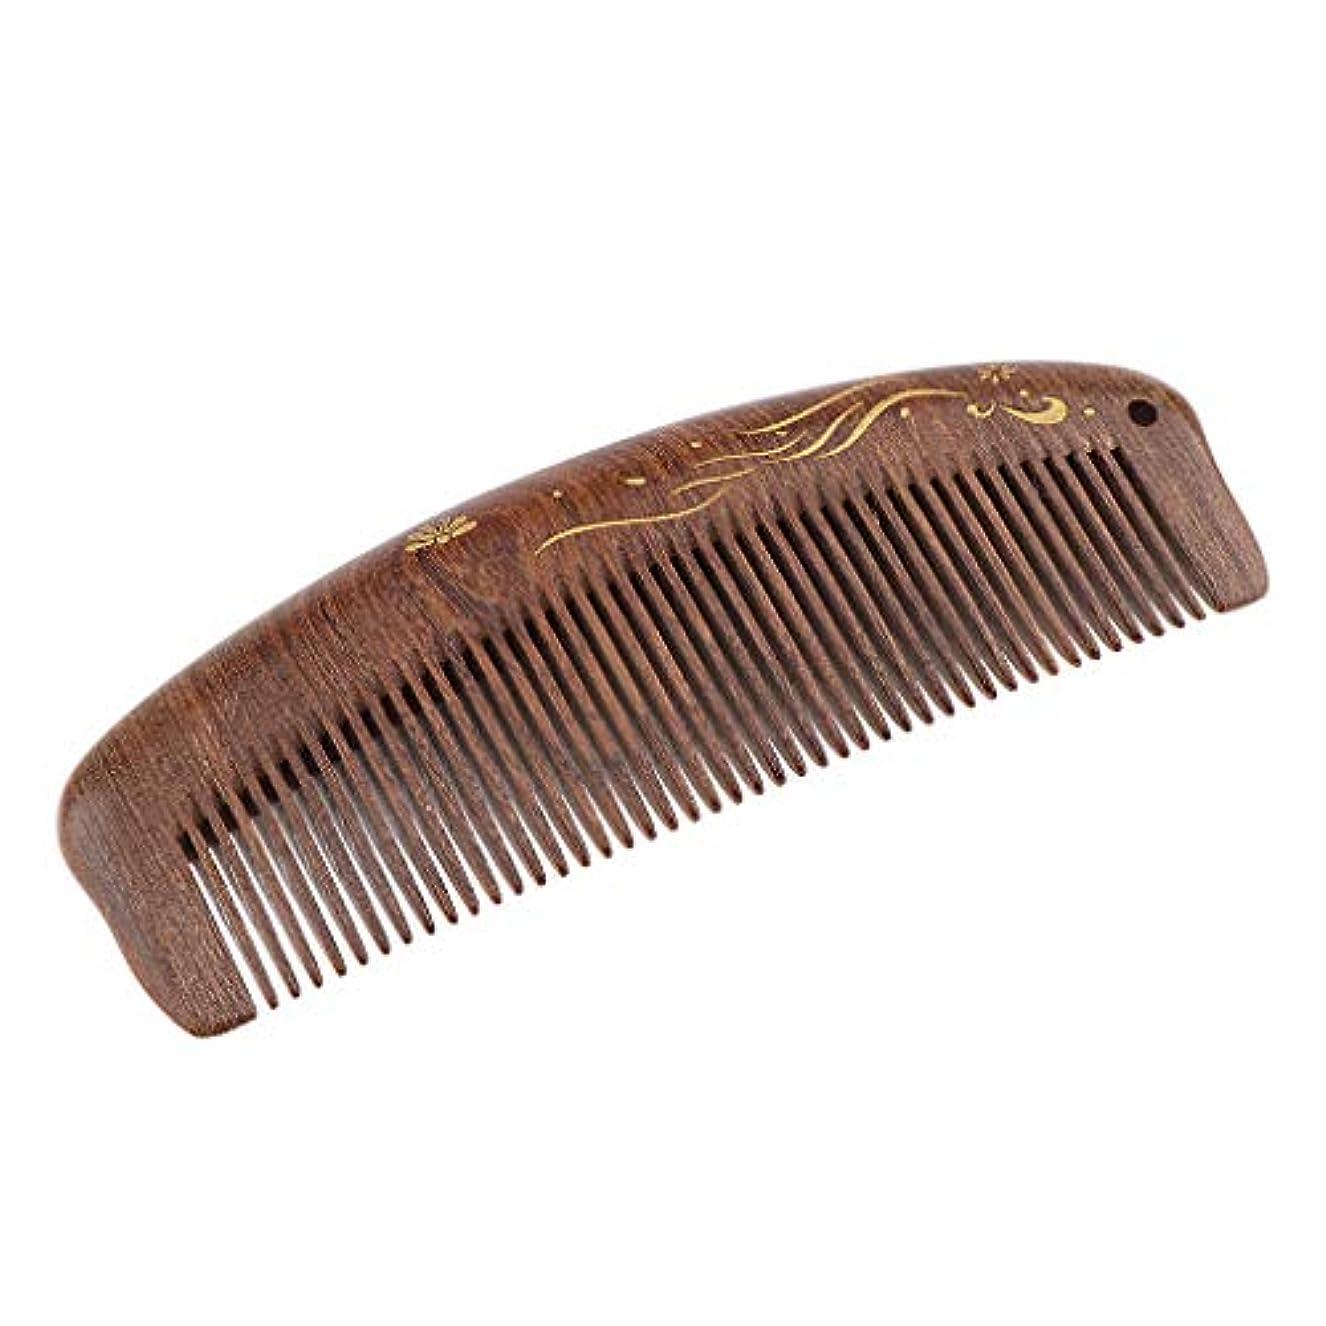 平和な名詞アクセシブル帯電防止櫛 ウッドコーム ヘアサロン ヘアブラシ 3仕様選べ - 細かい歯